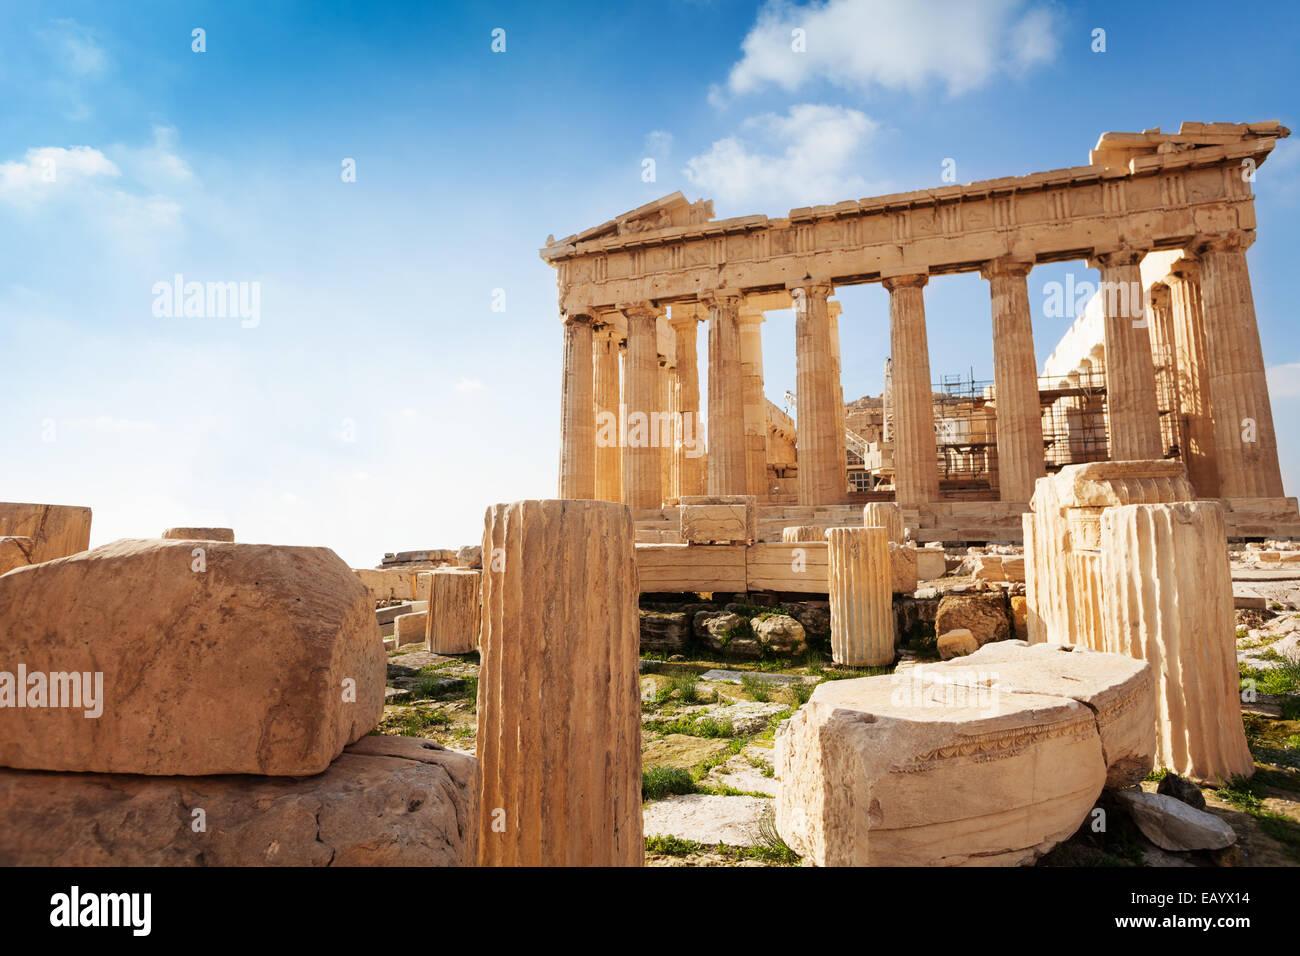 Acropoli di Atene in Grecia durante il periodo estivo Immagini Stock